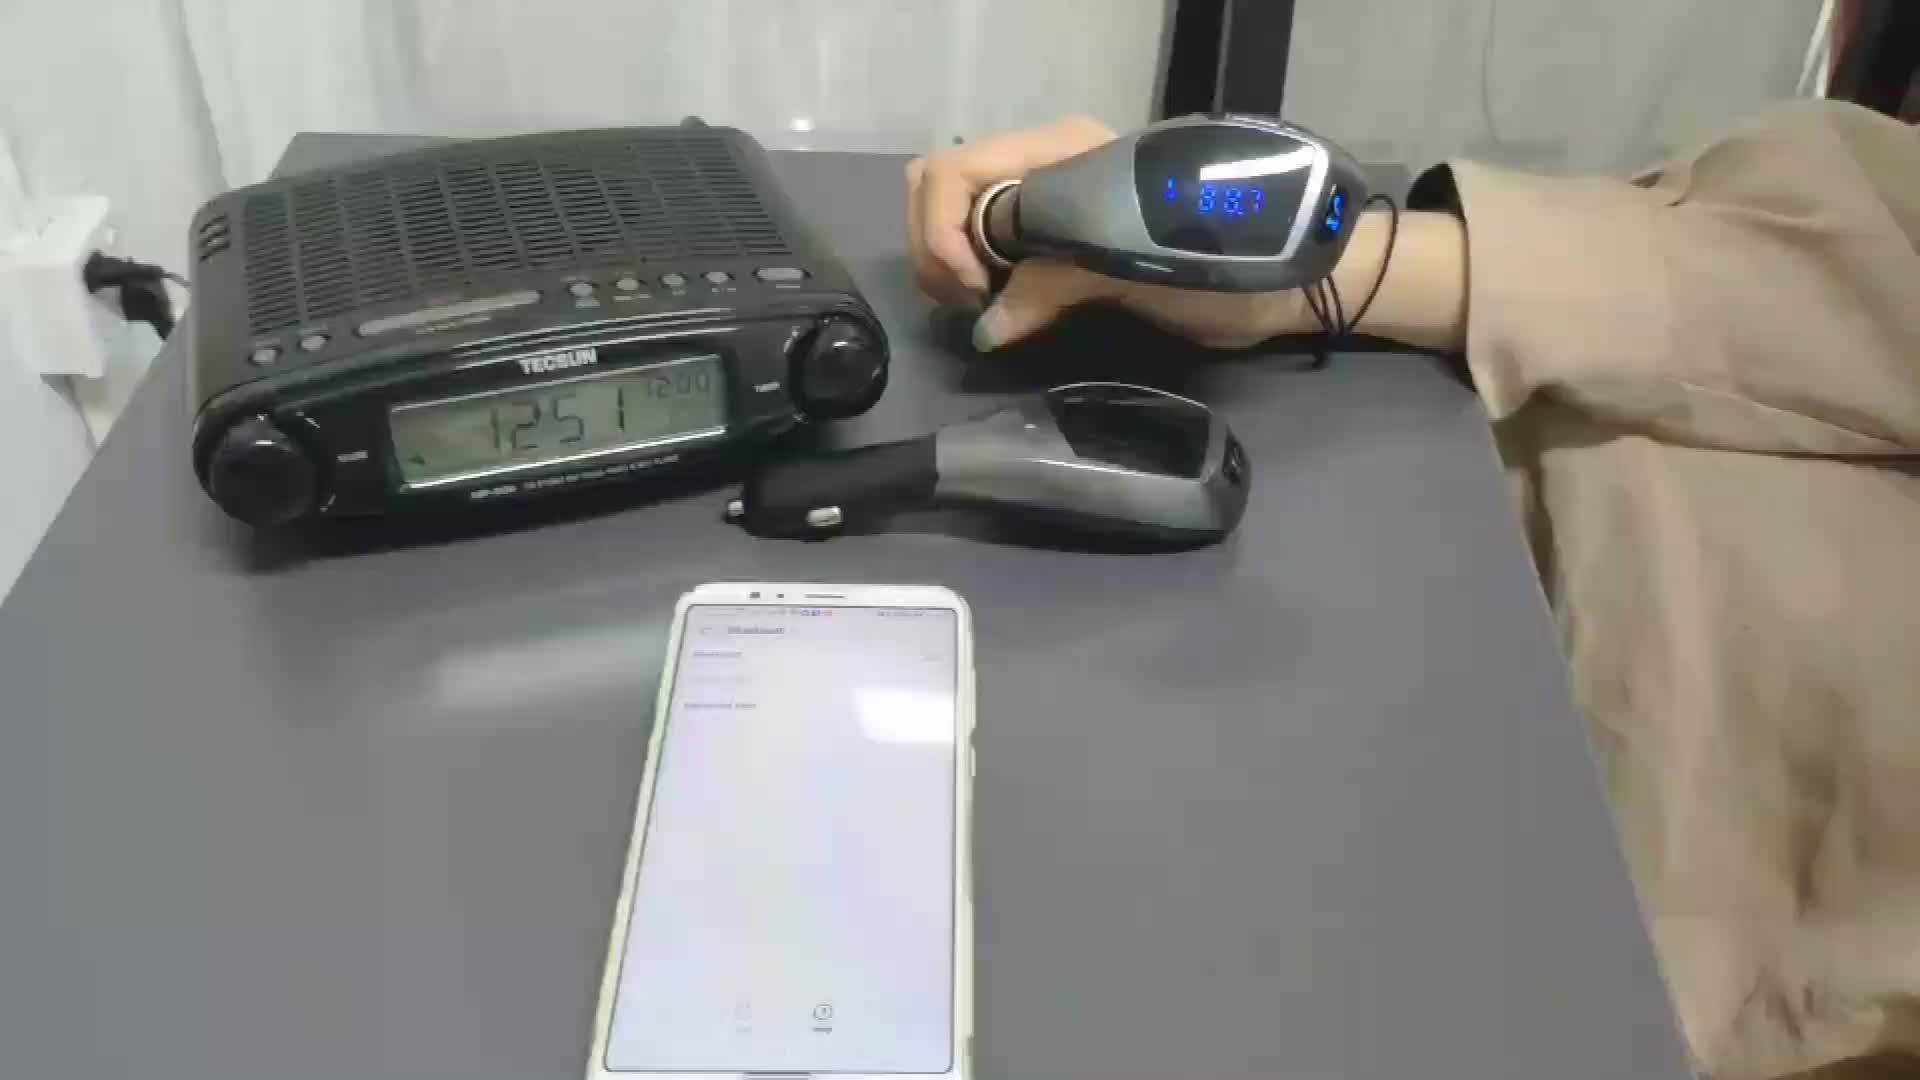 Автомобильный FM-трансмиттер AGETUNR X5 с Bluetooth, многофункциональный автомобильный аудиоплеер с MP3-плеером, оригинальный дизайн